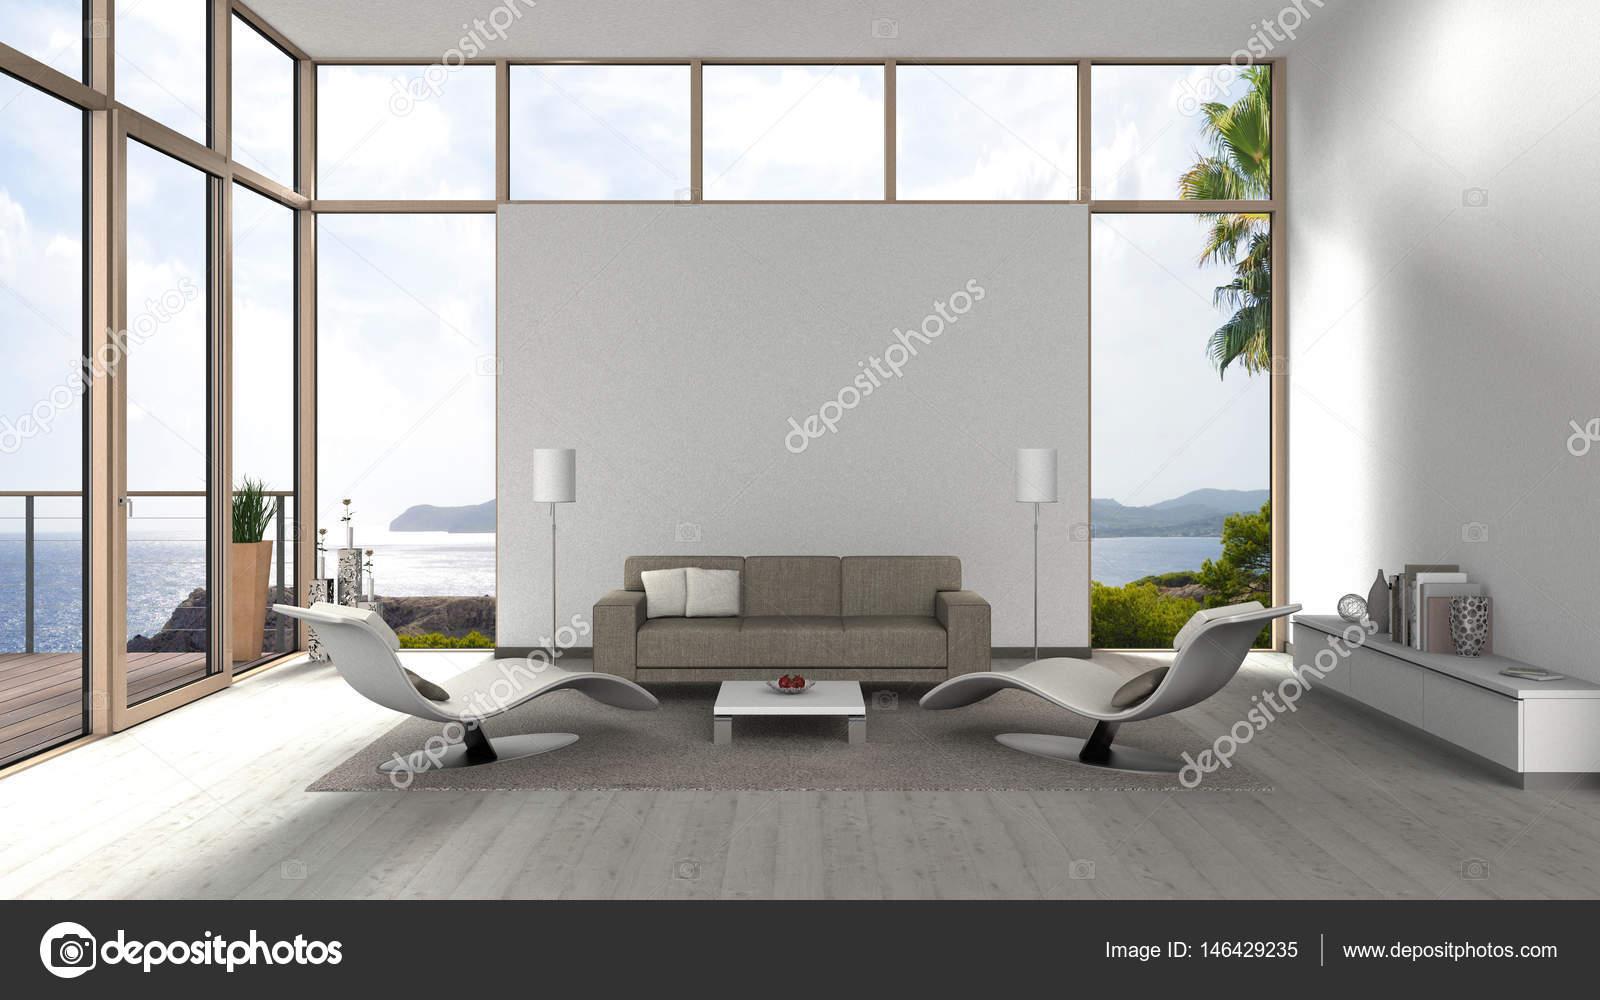 zeitgenössische Wohnzimmer mit Glas Vorderfenster — Stockfoto ...